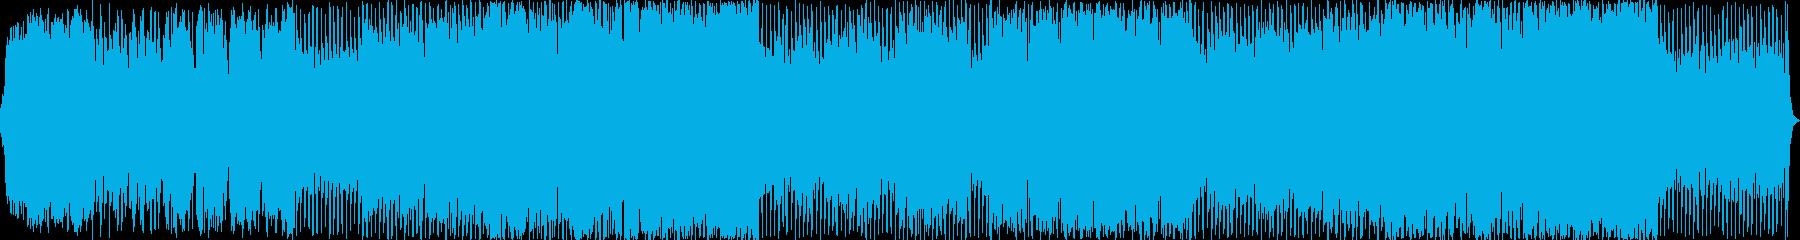 抒情的、神秘的なオーケストラ曲の再生済みの波形